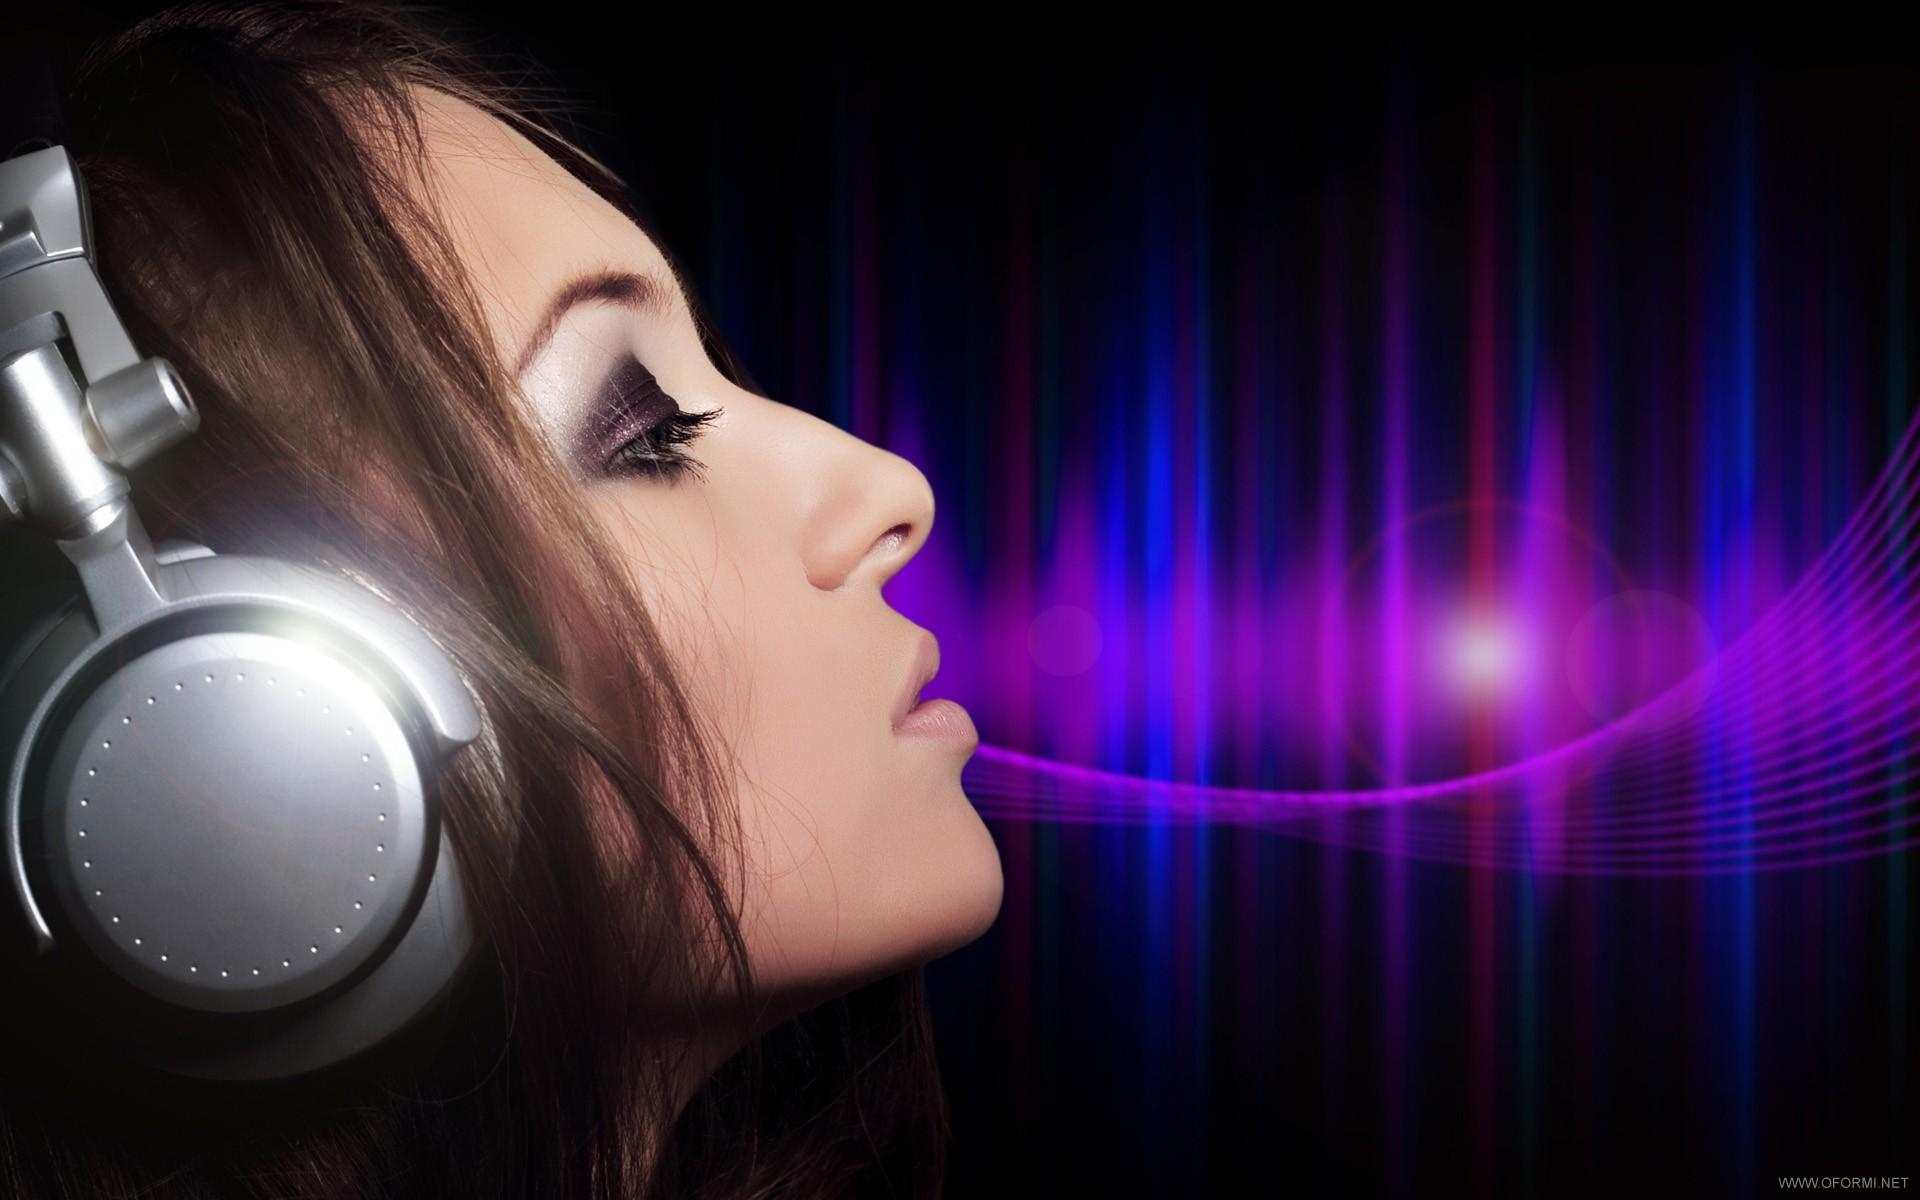 Фото красивых девушек с музыкой